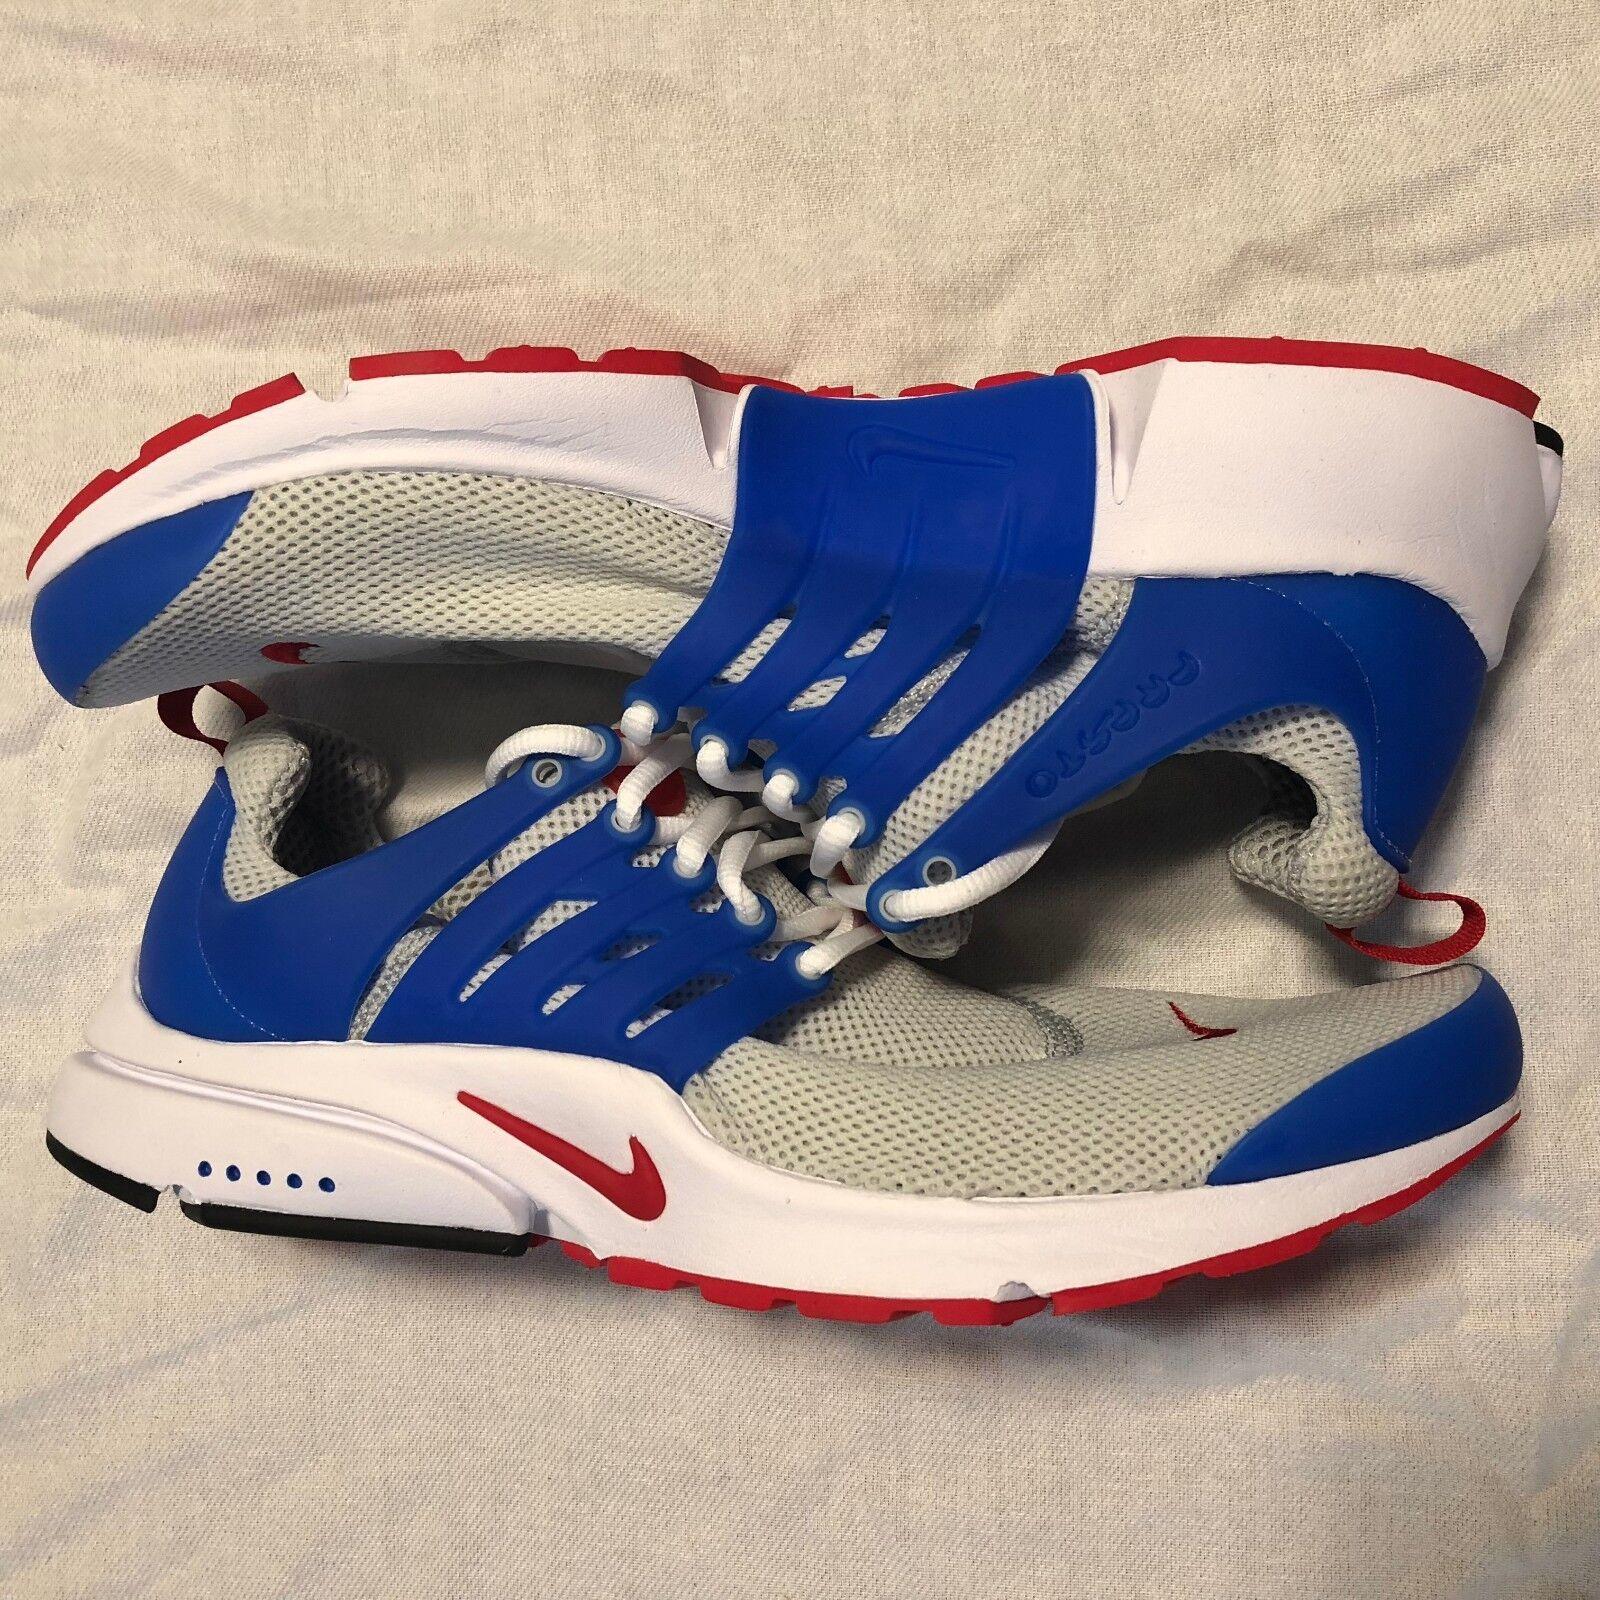 Nike air presto grey-red-blue taglia 11 11 taglia rari negli stati uniti.848187-004 nessuna scatola coperchio 65d807